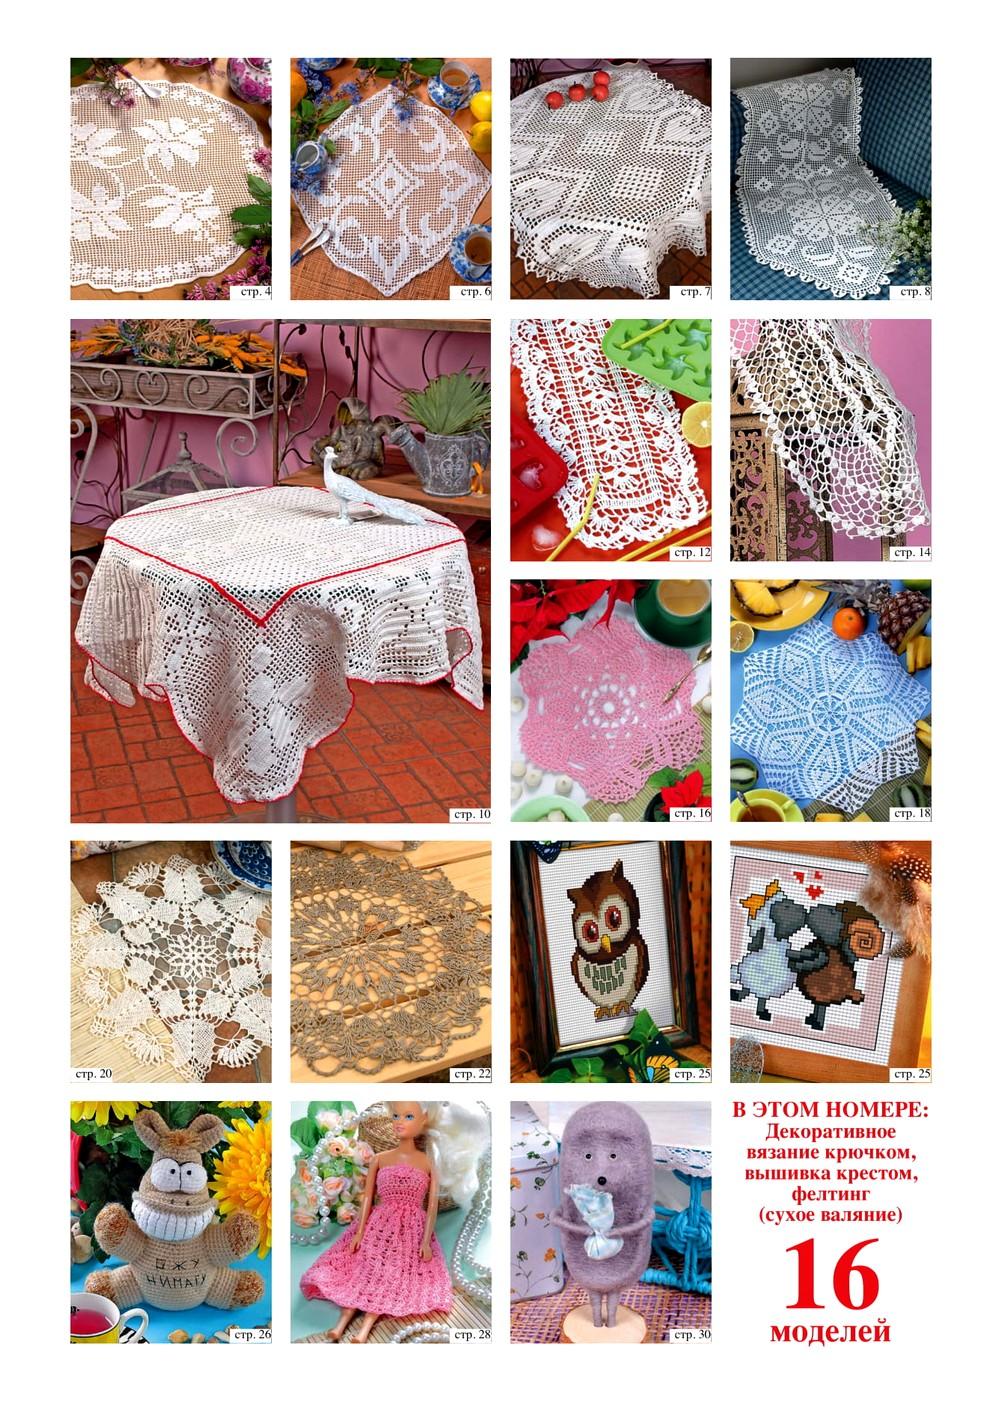 Валя-Валентина №15 2017. Декоративное вязание крючком (2)